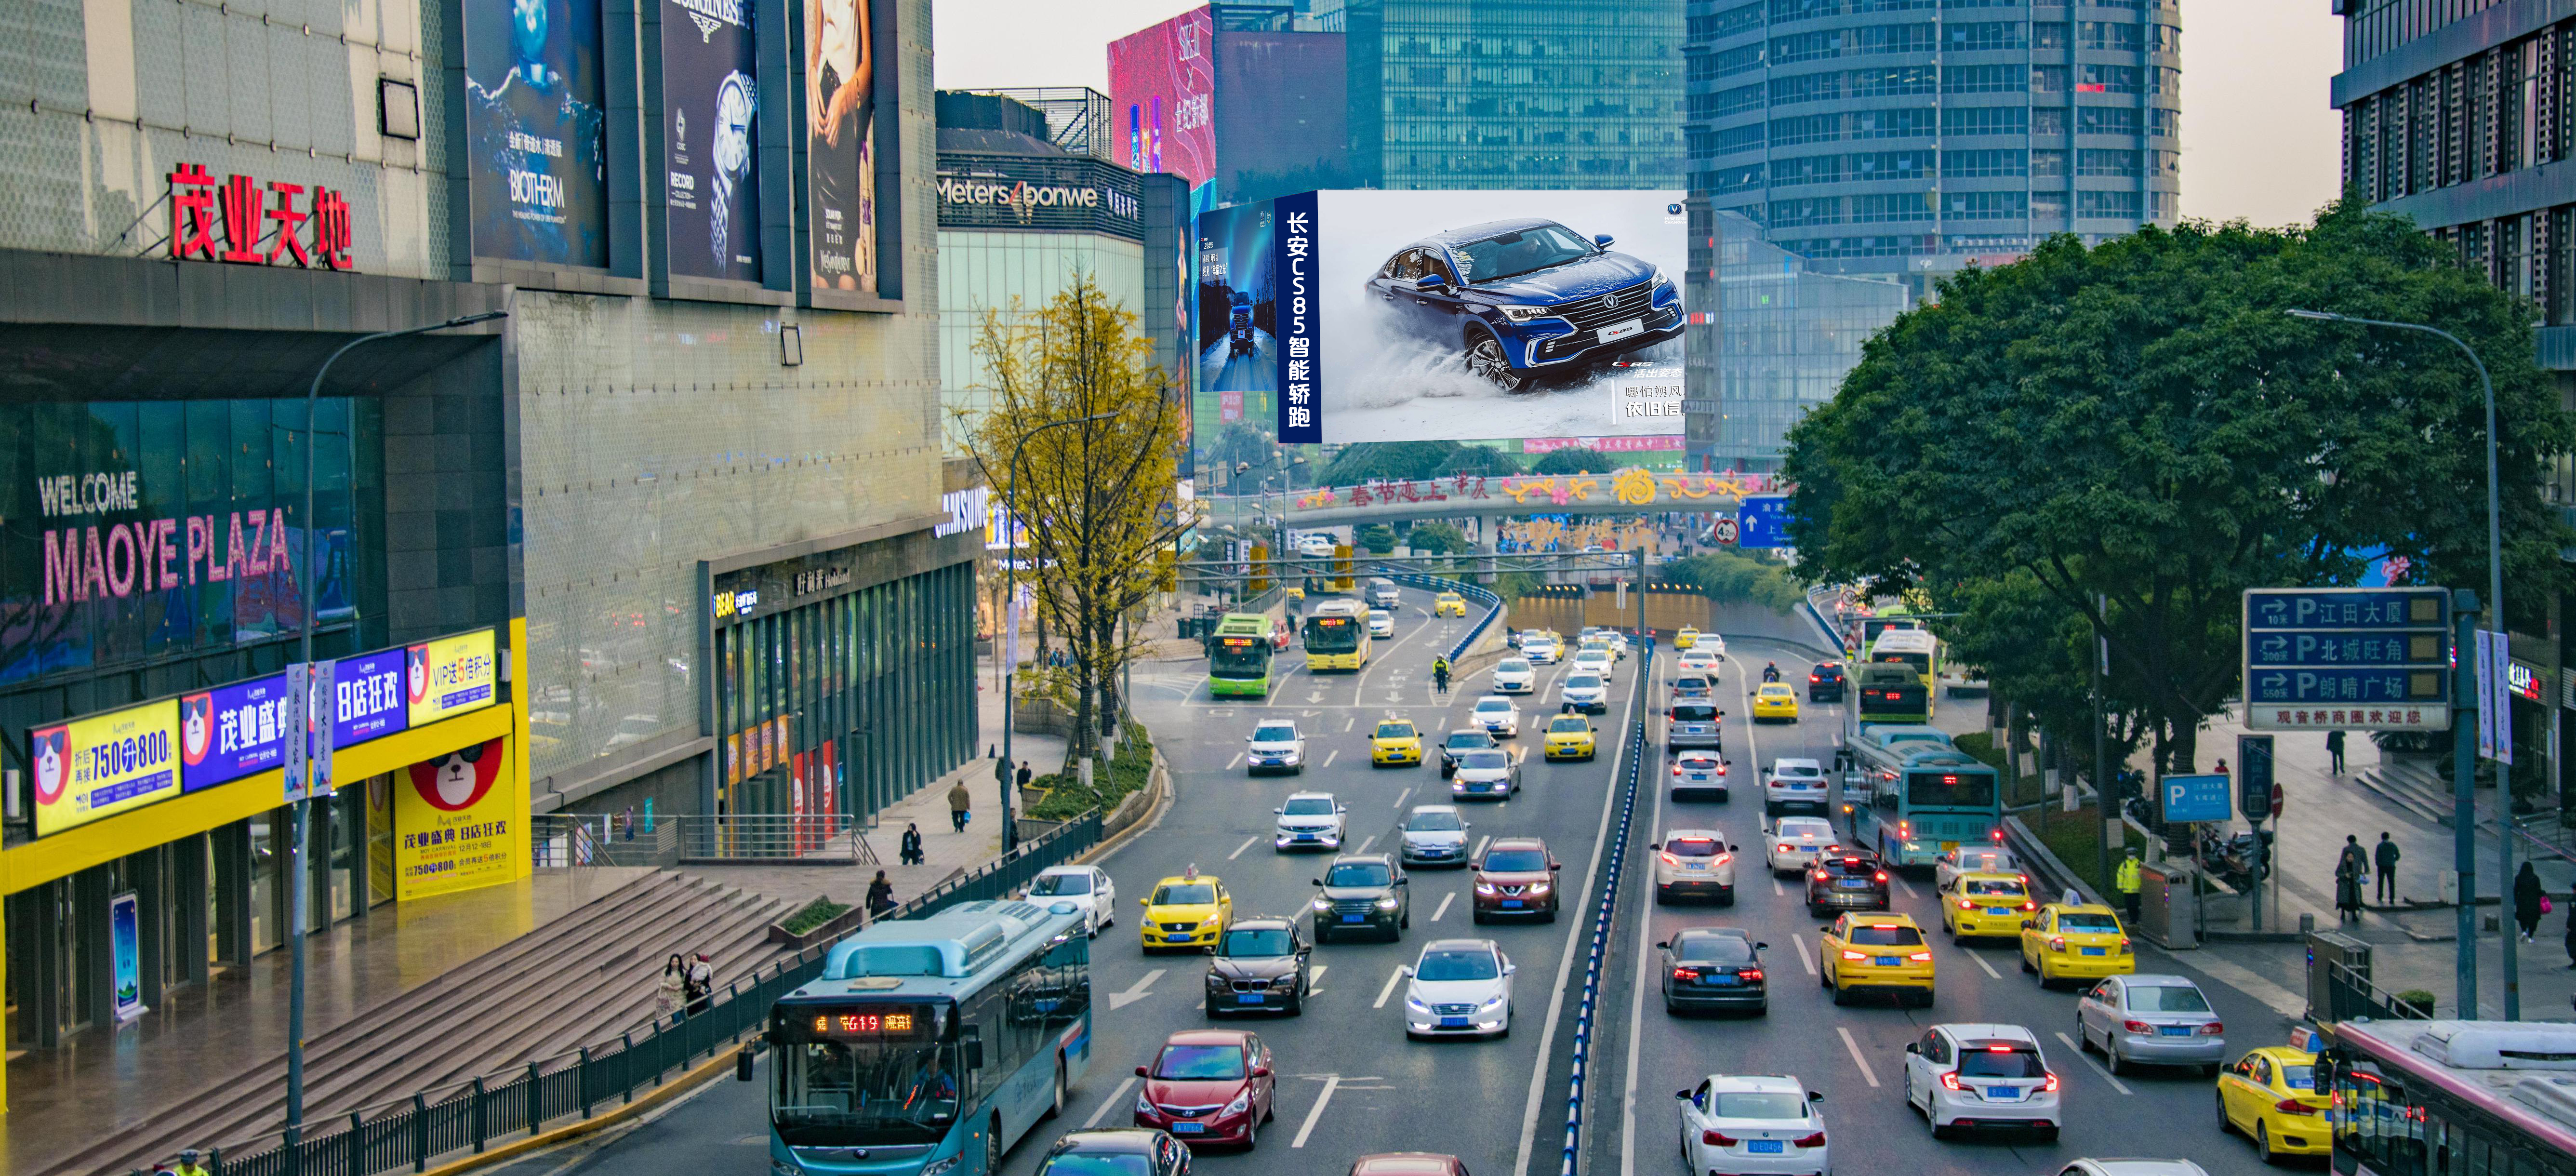 重庆市观音桥步行街苏宁电器外墙LED广告(地标3788--亚洲第一巨幕)-易播网